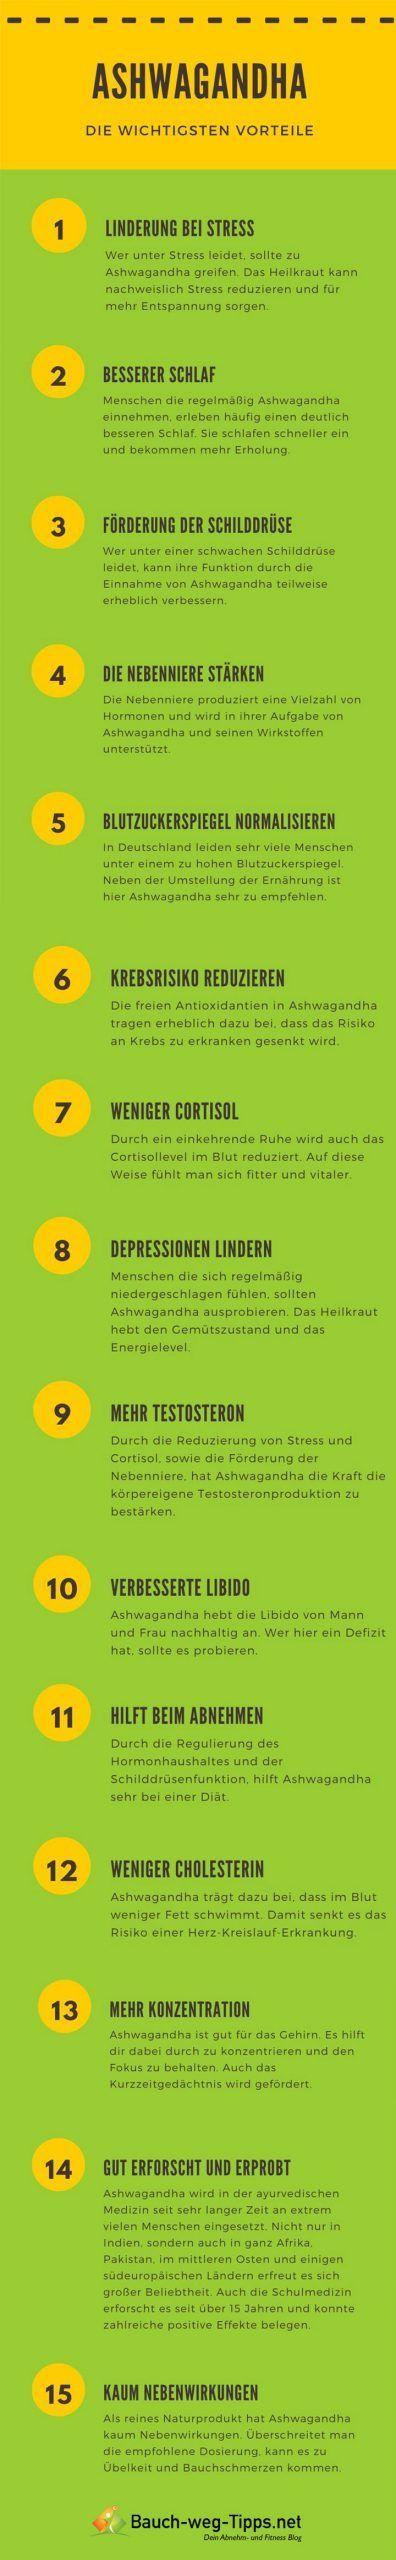 ashwagandha Vorteile - Infografik